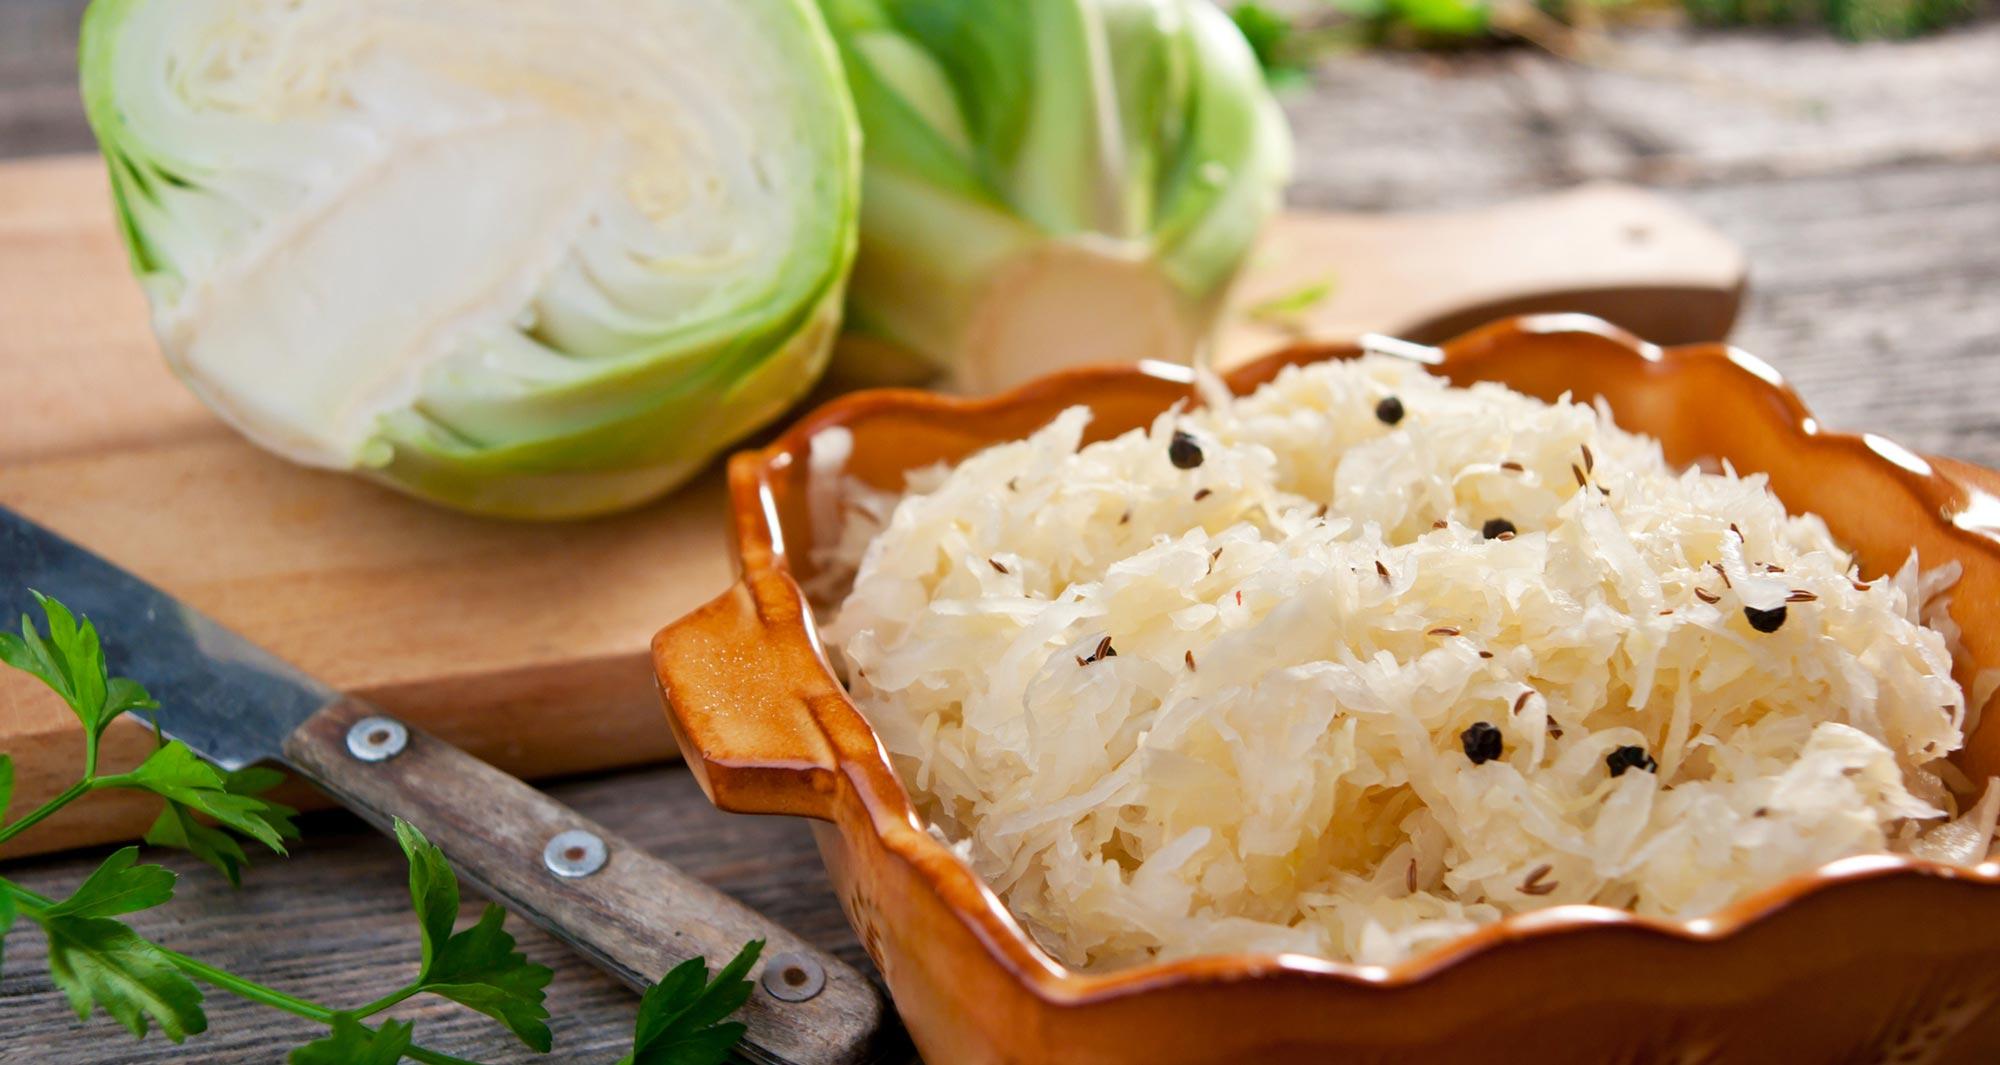 sauerkraut dish